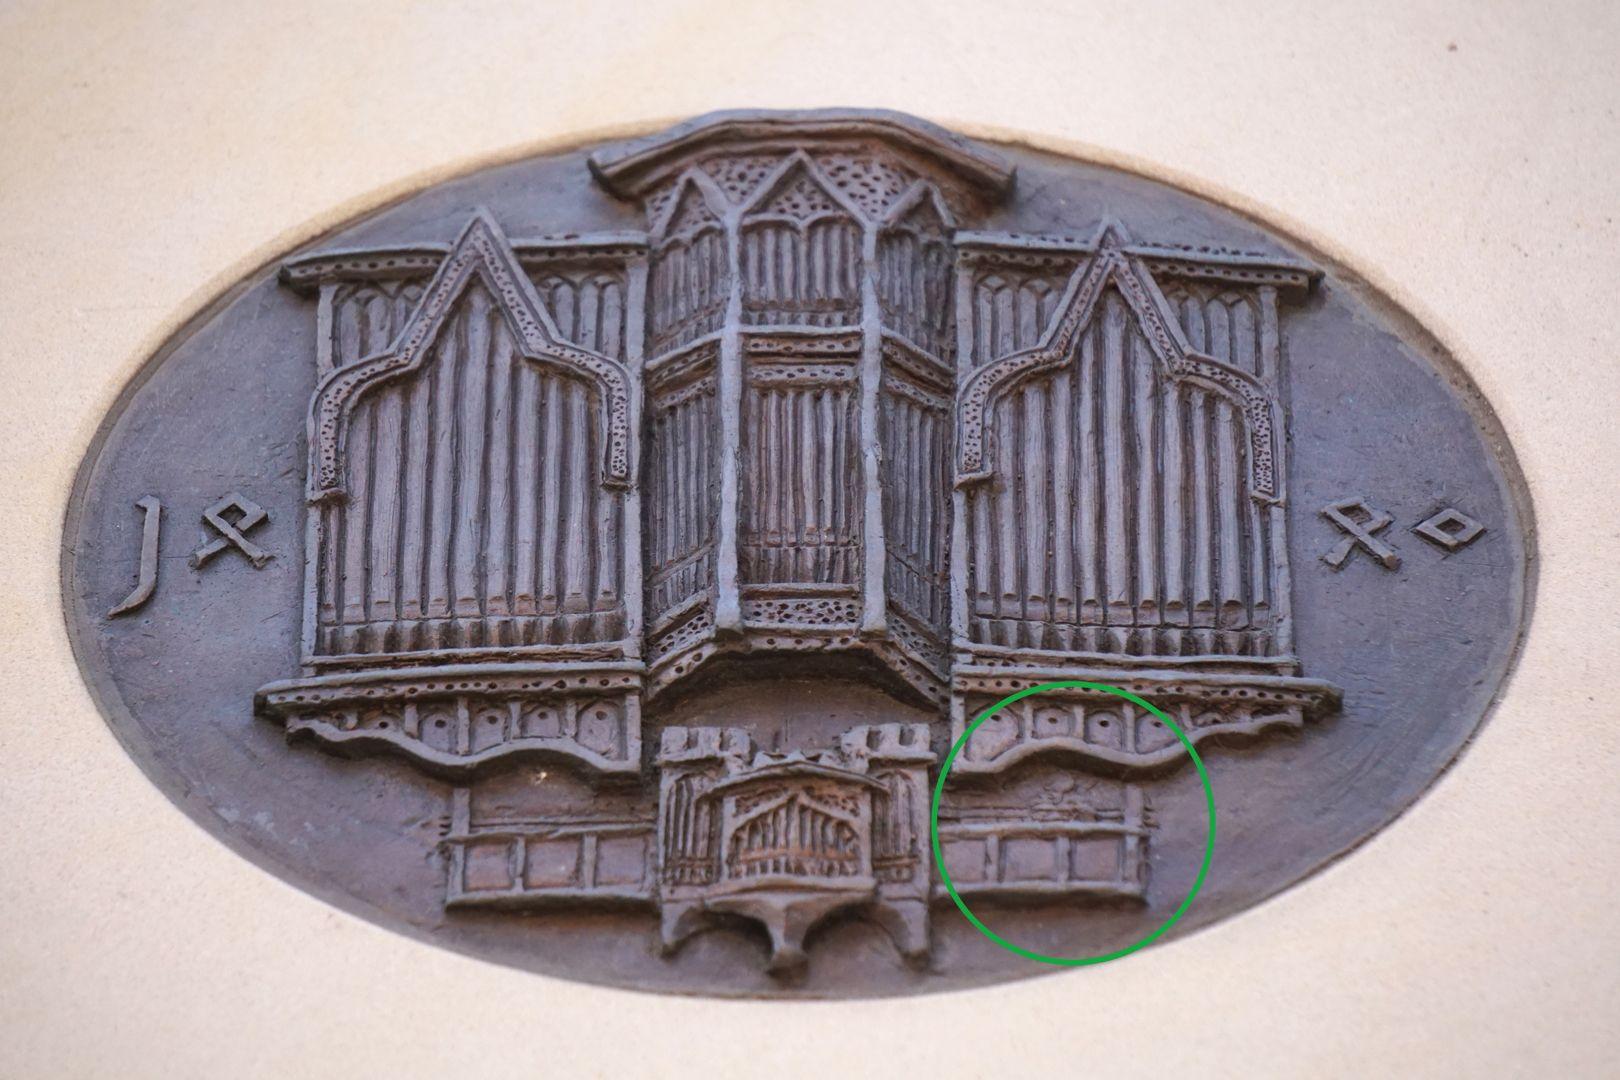 Pachelbel-Gedenktafel Darstellung der Traxdorf-Orgel; schemenhaft zu erkennen, Pachelbel auf der Orgelempore